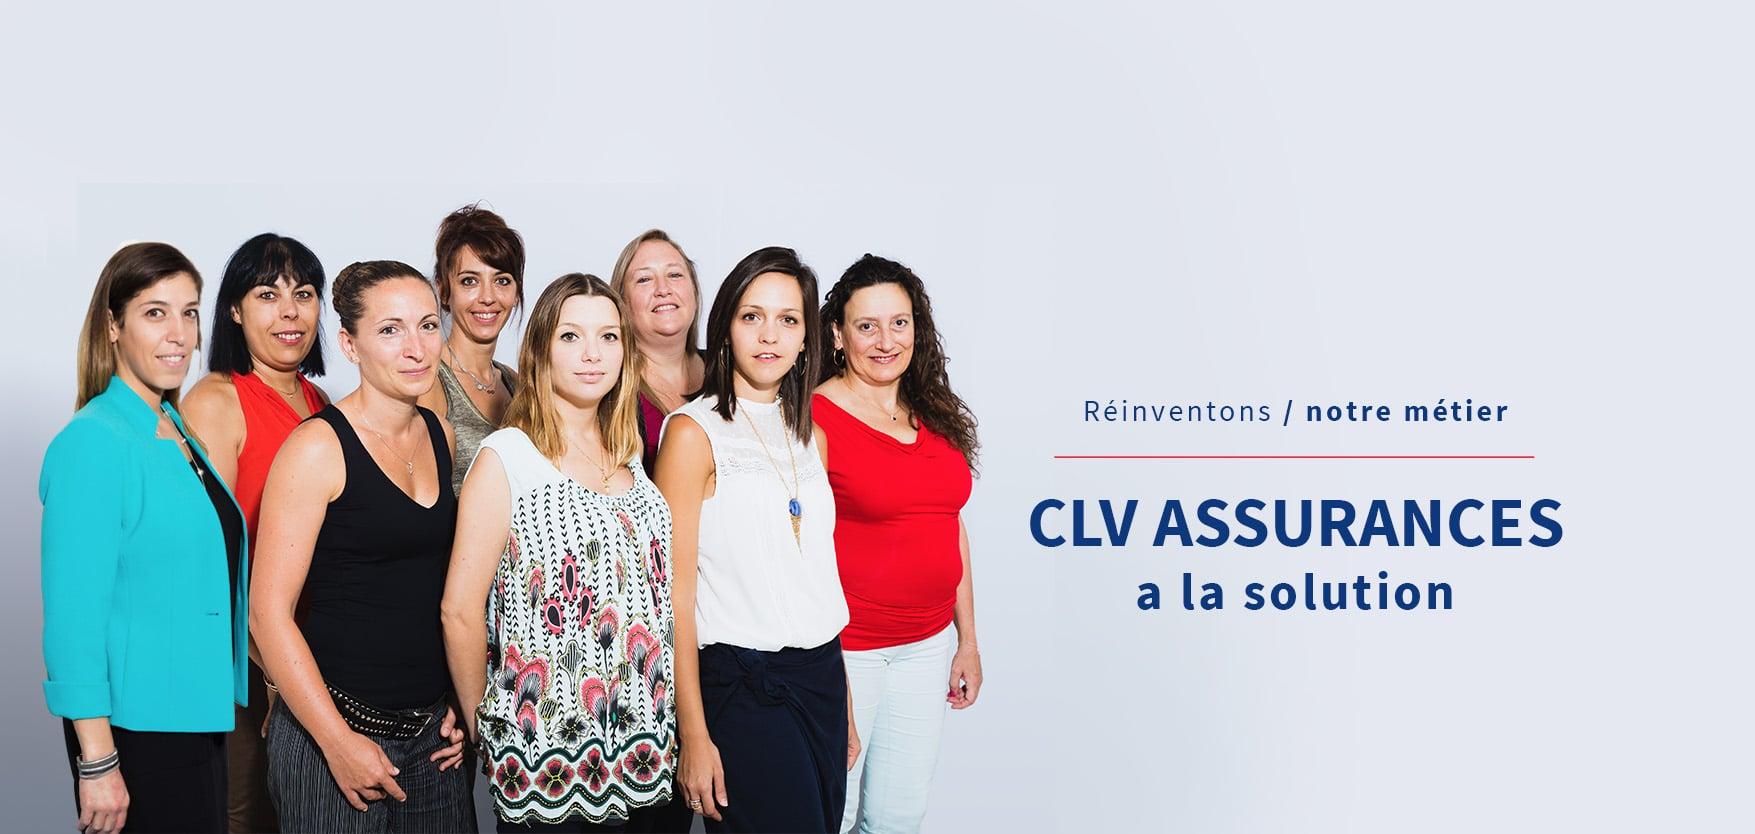 02-CLV ASSURANCES_OK